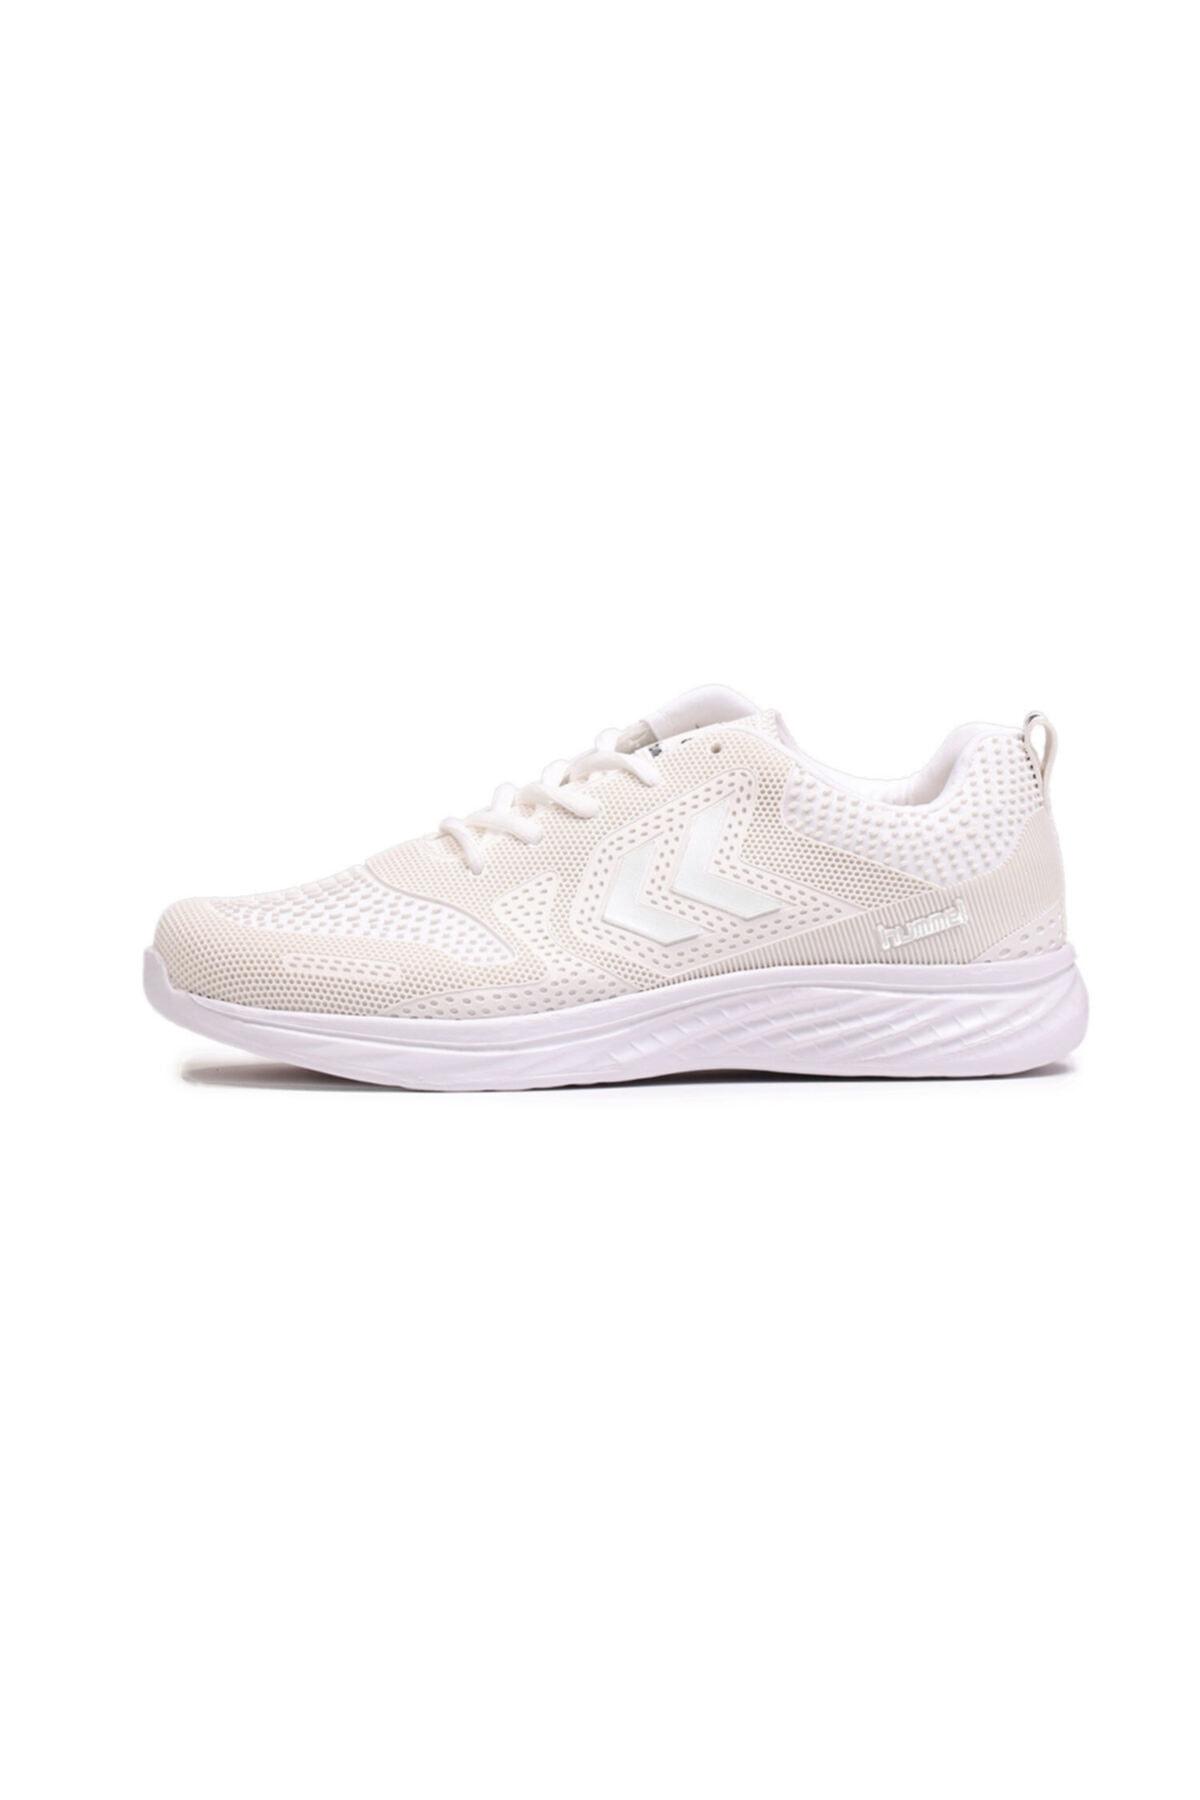 FLOW SNEAKER Beyaz Unisex Koşu Ayakkabısı 100515987